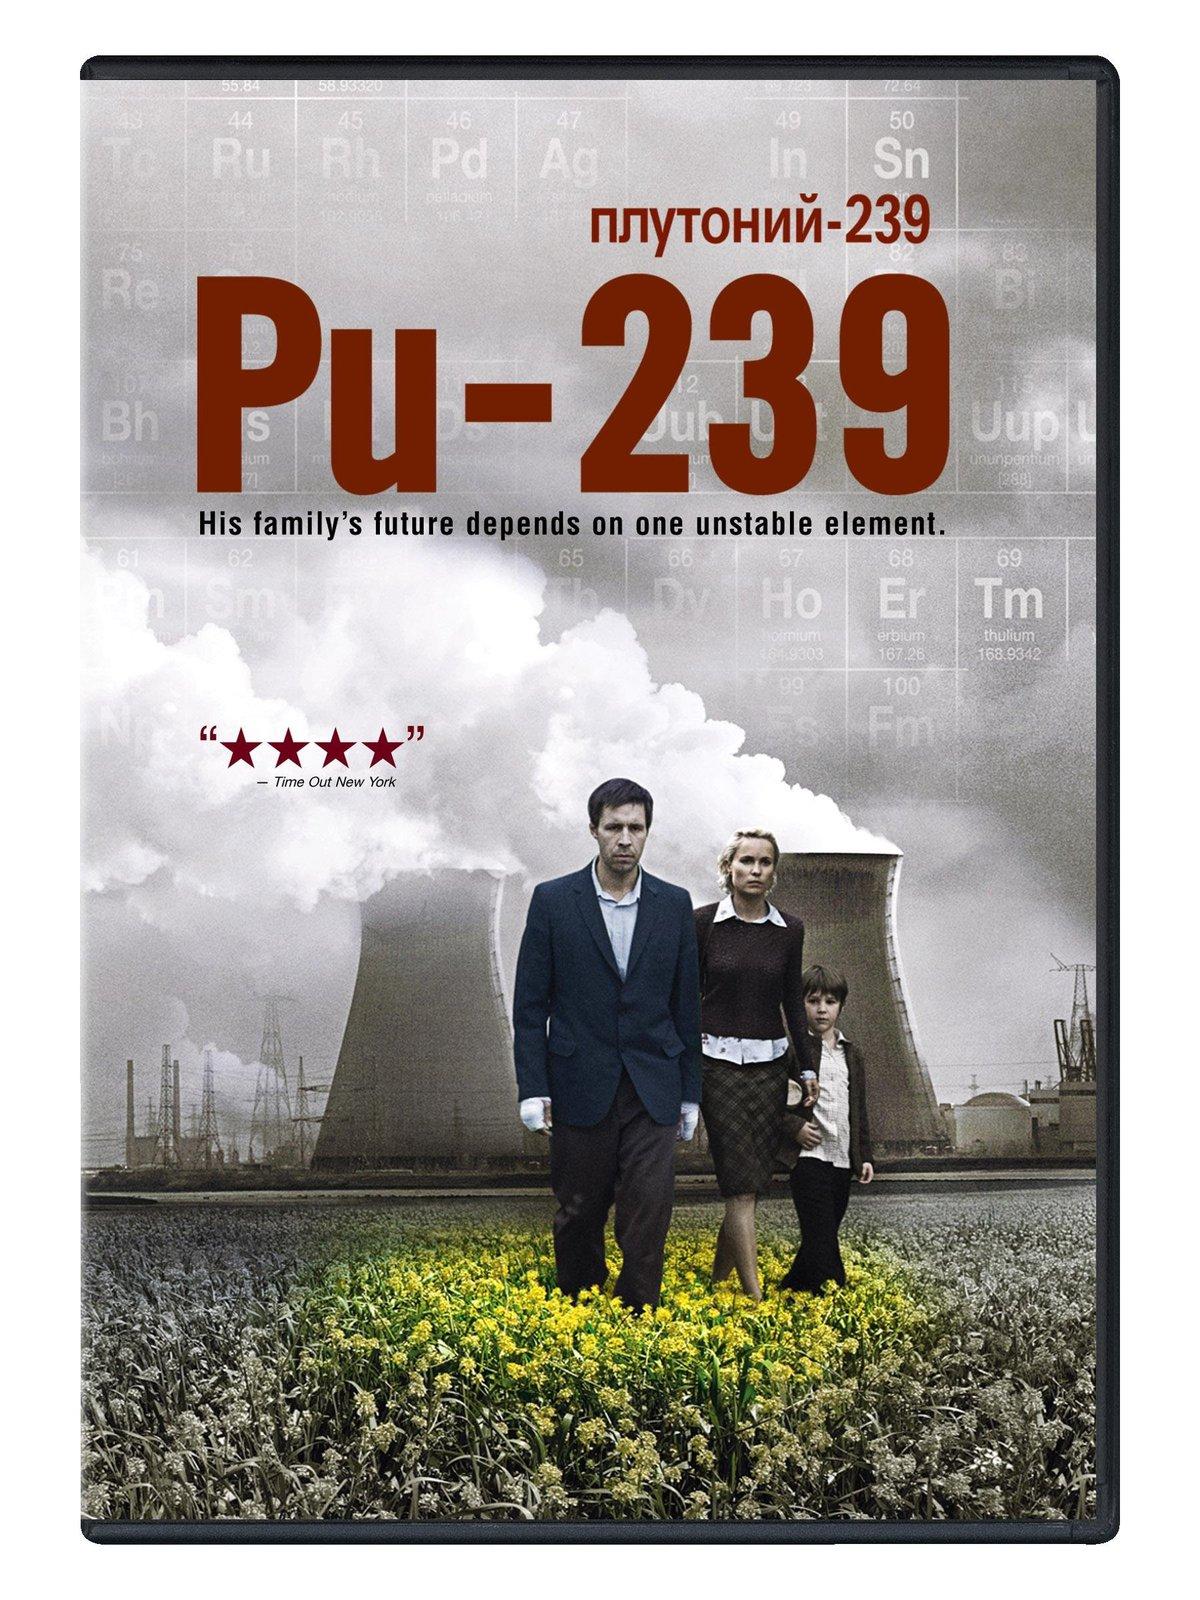 Pu-239 [DVD ~ Brand New] The Half Life of Timofey Berezin